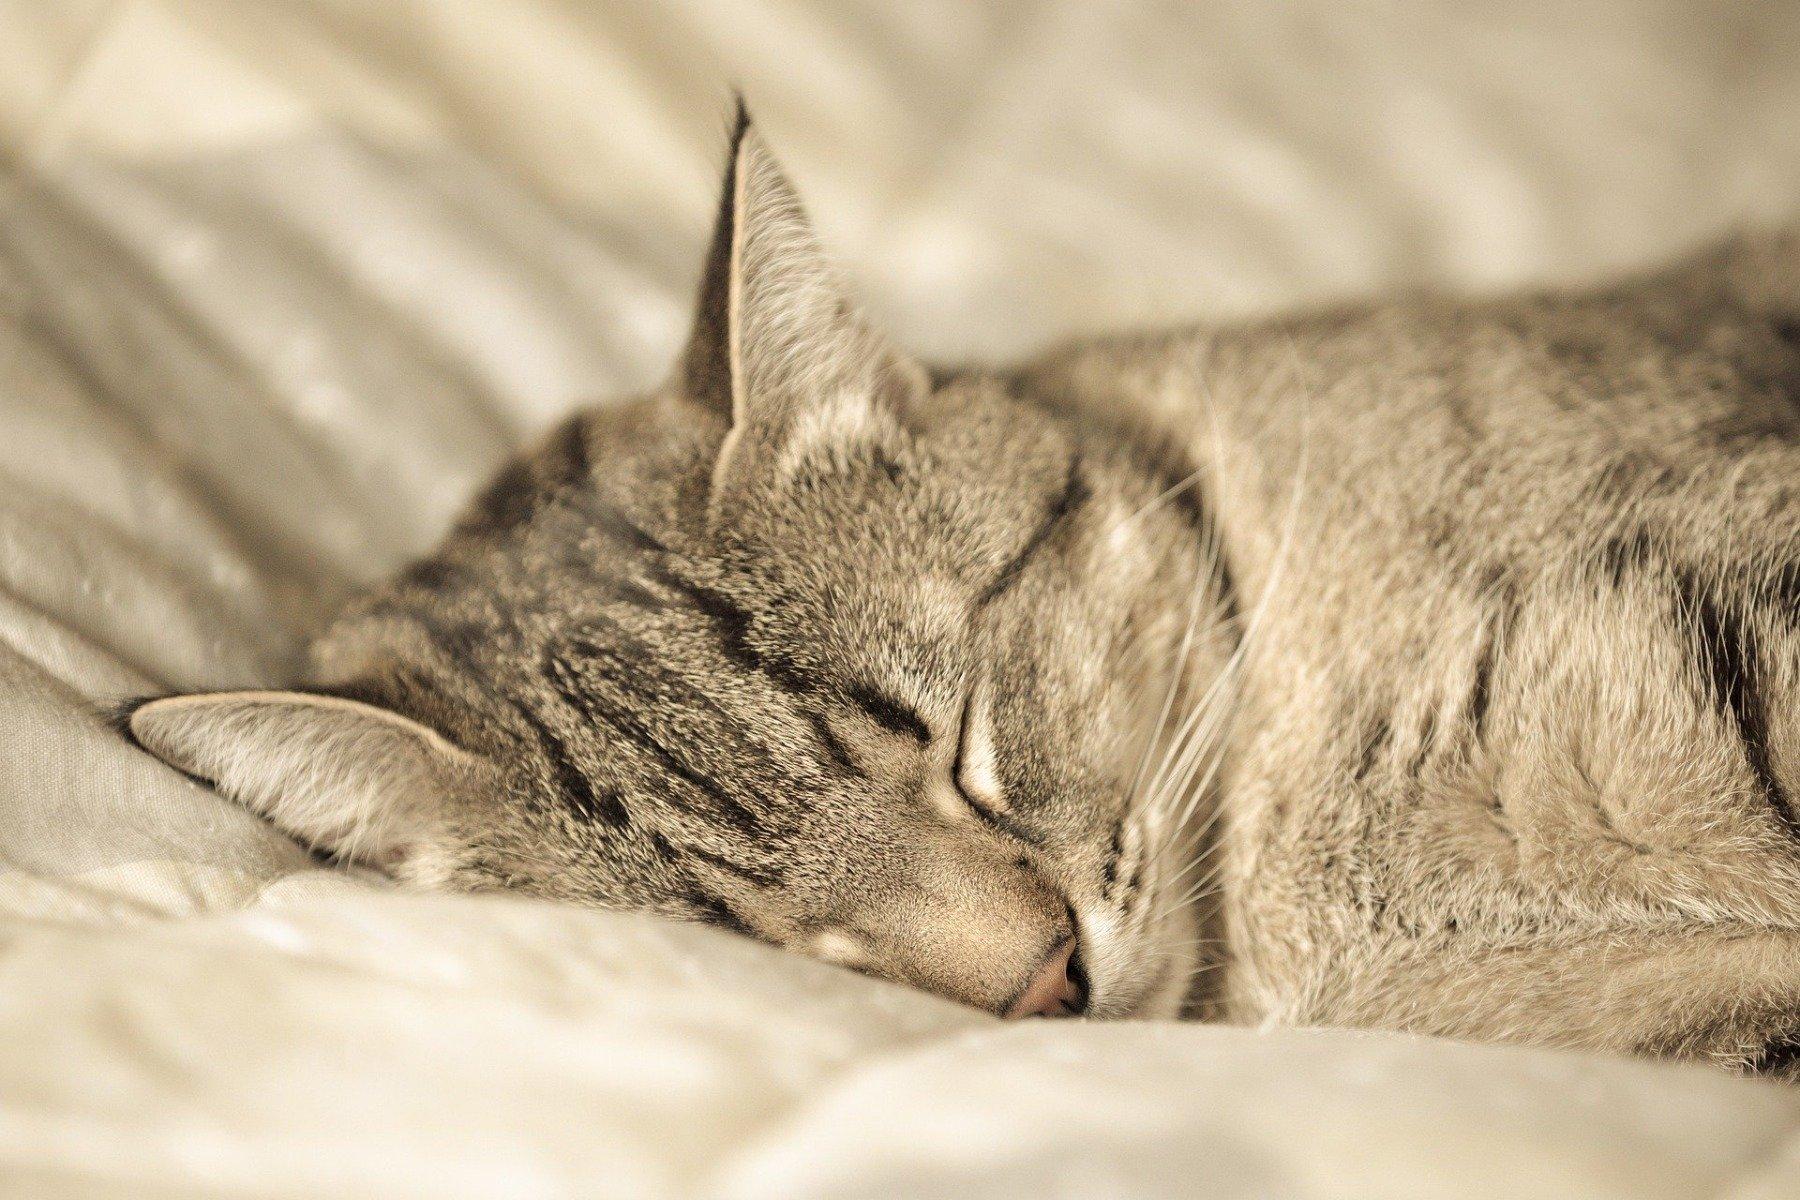 Getigerte Katze schläft auf einer Decke.